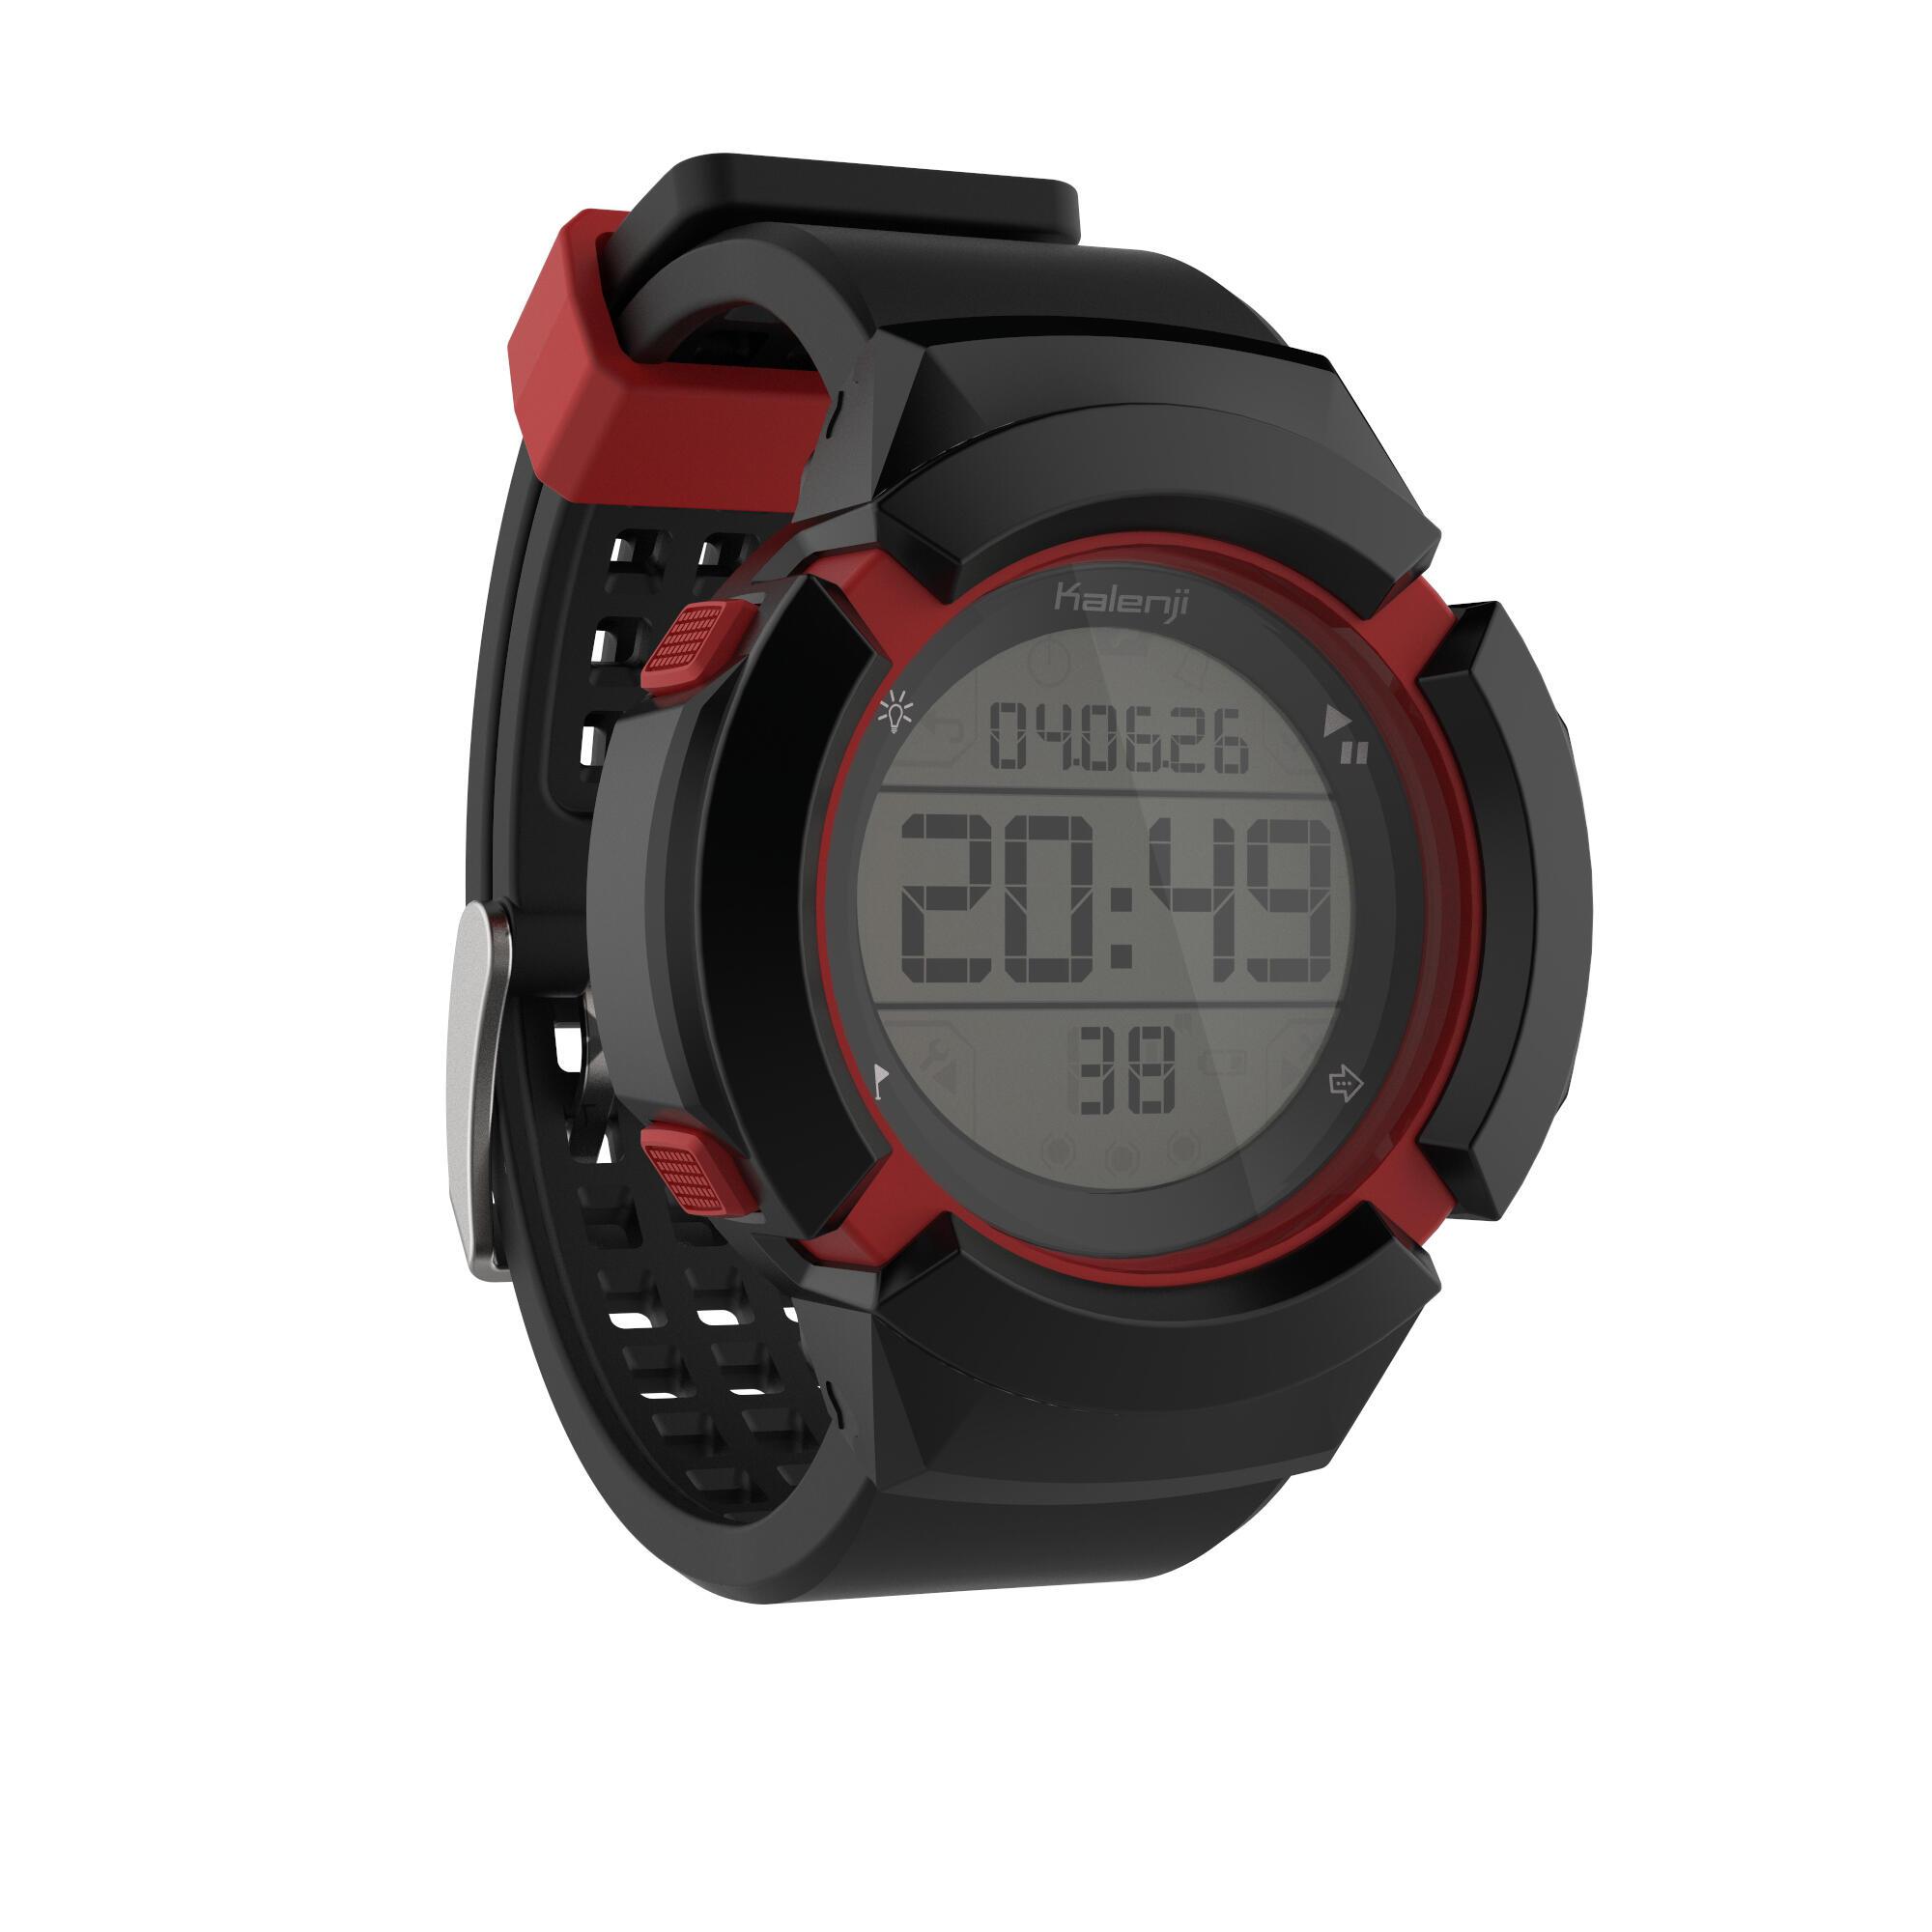 Kiprun Montre chronomètre de course à pied homme W700xc M NOIRE et ROUGE - Kiprun